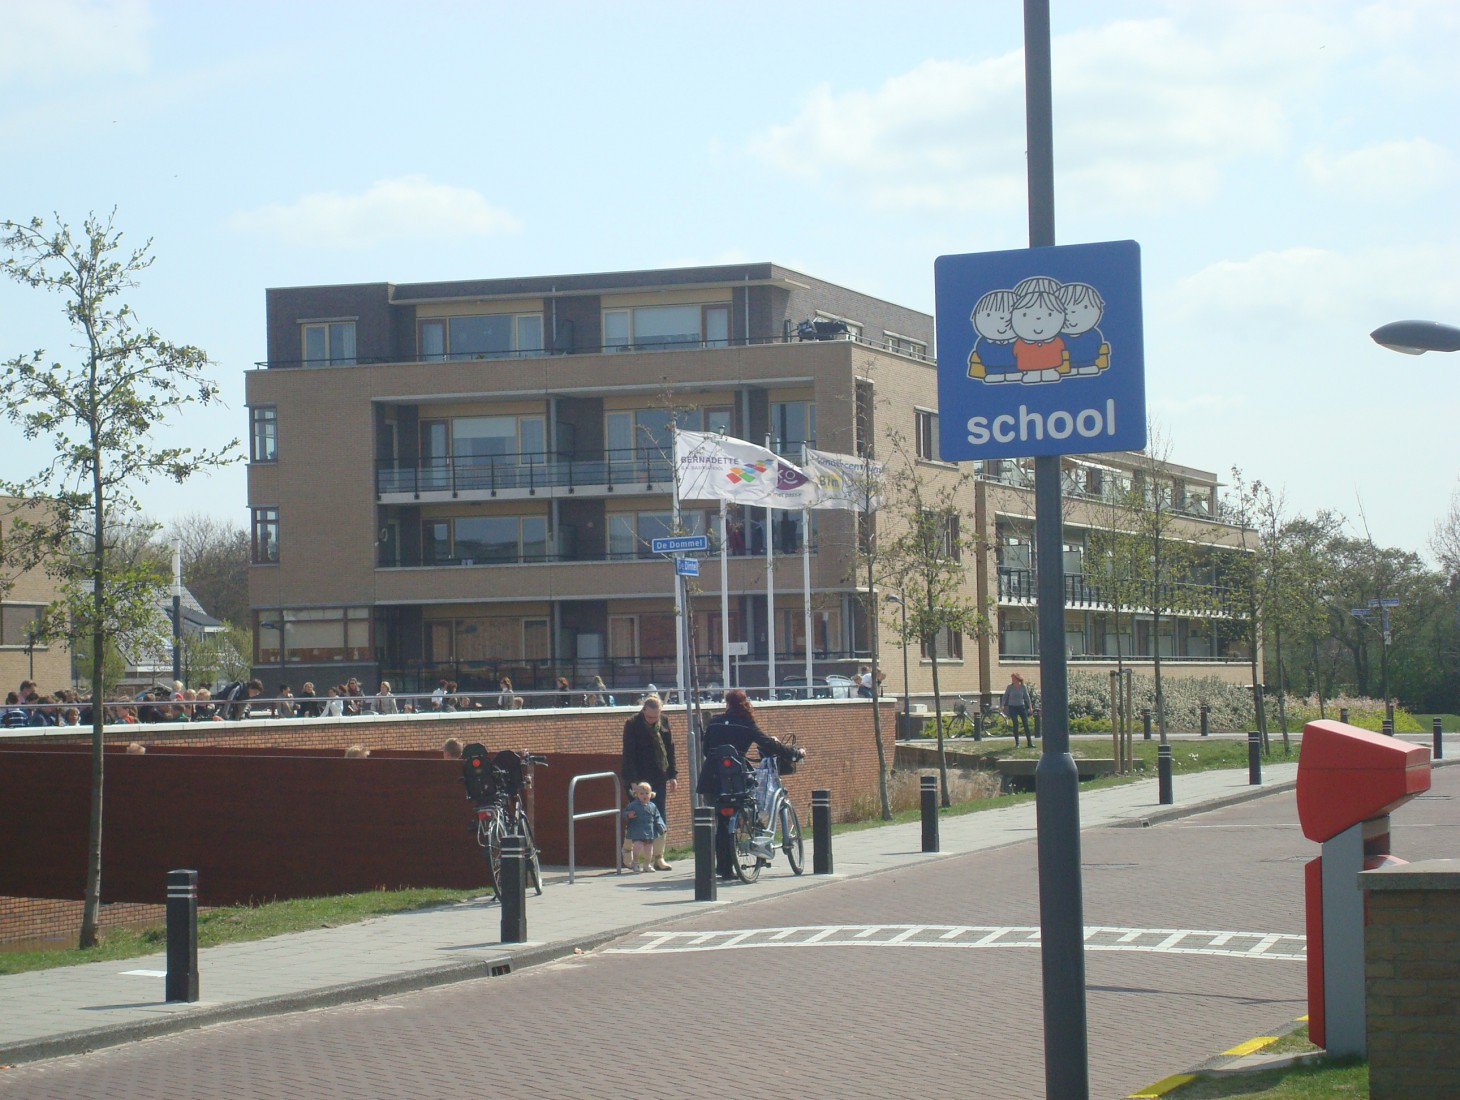 Verkeersbord voor veilige schoolomgeving met nijntje afbeelding van dick bruna in schoolzone rondom school om te wijzen waarschuwen attenderen op kinderen in het verkeer en zo het verkeersveiliger te maken waar auto hard rijden en kinderen zijn opletten